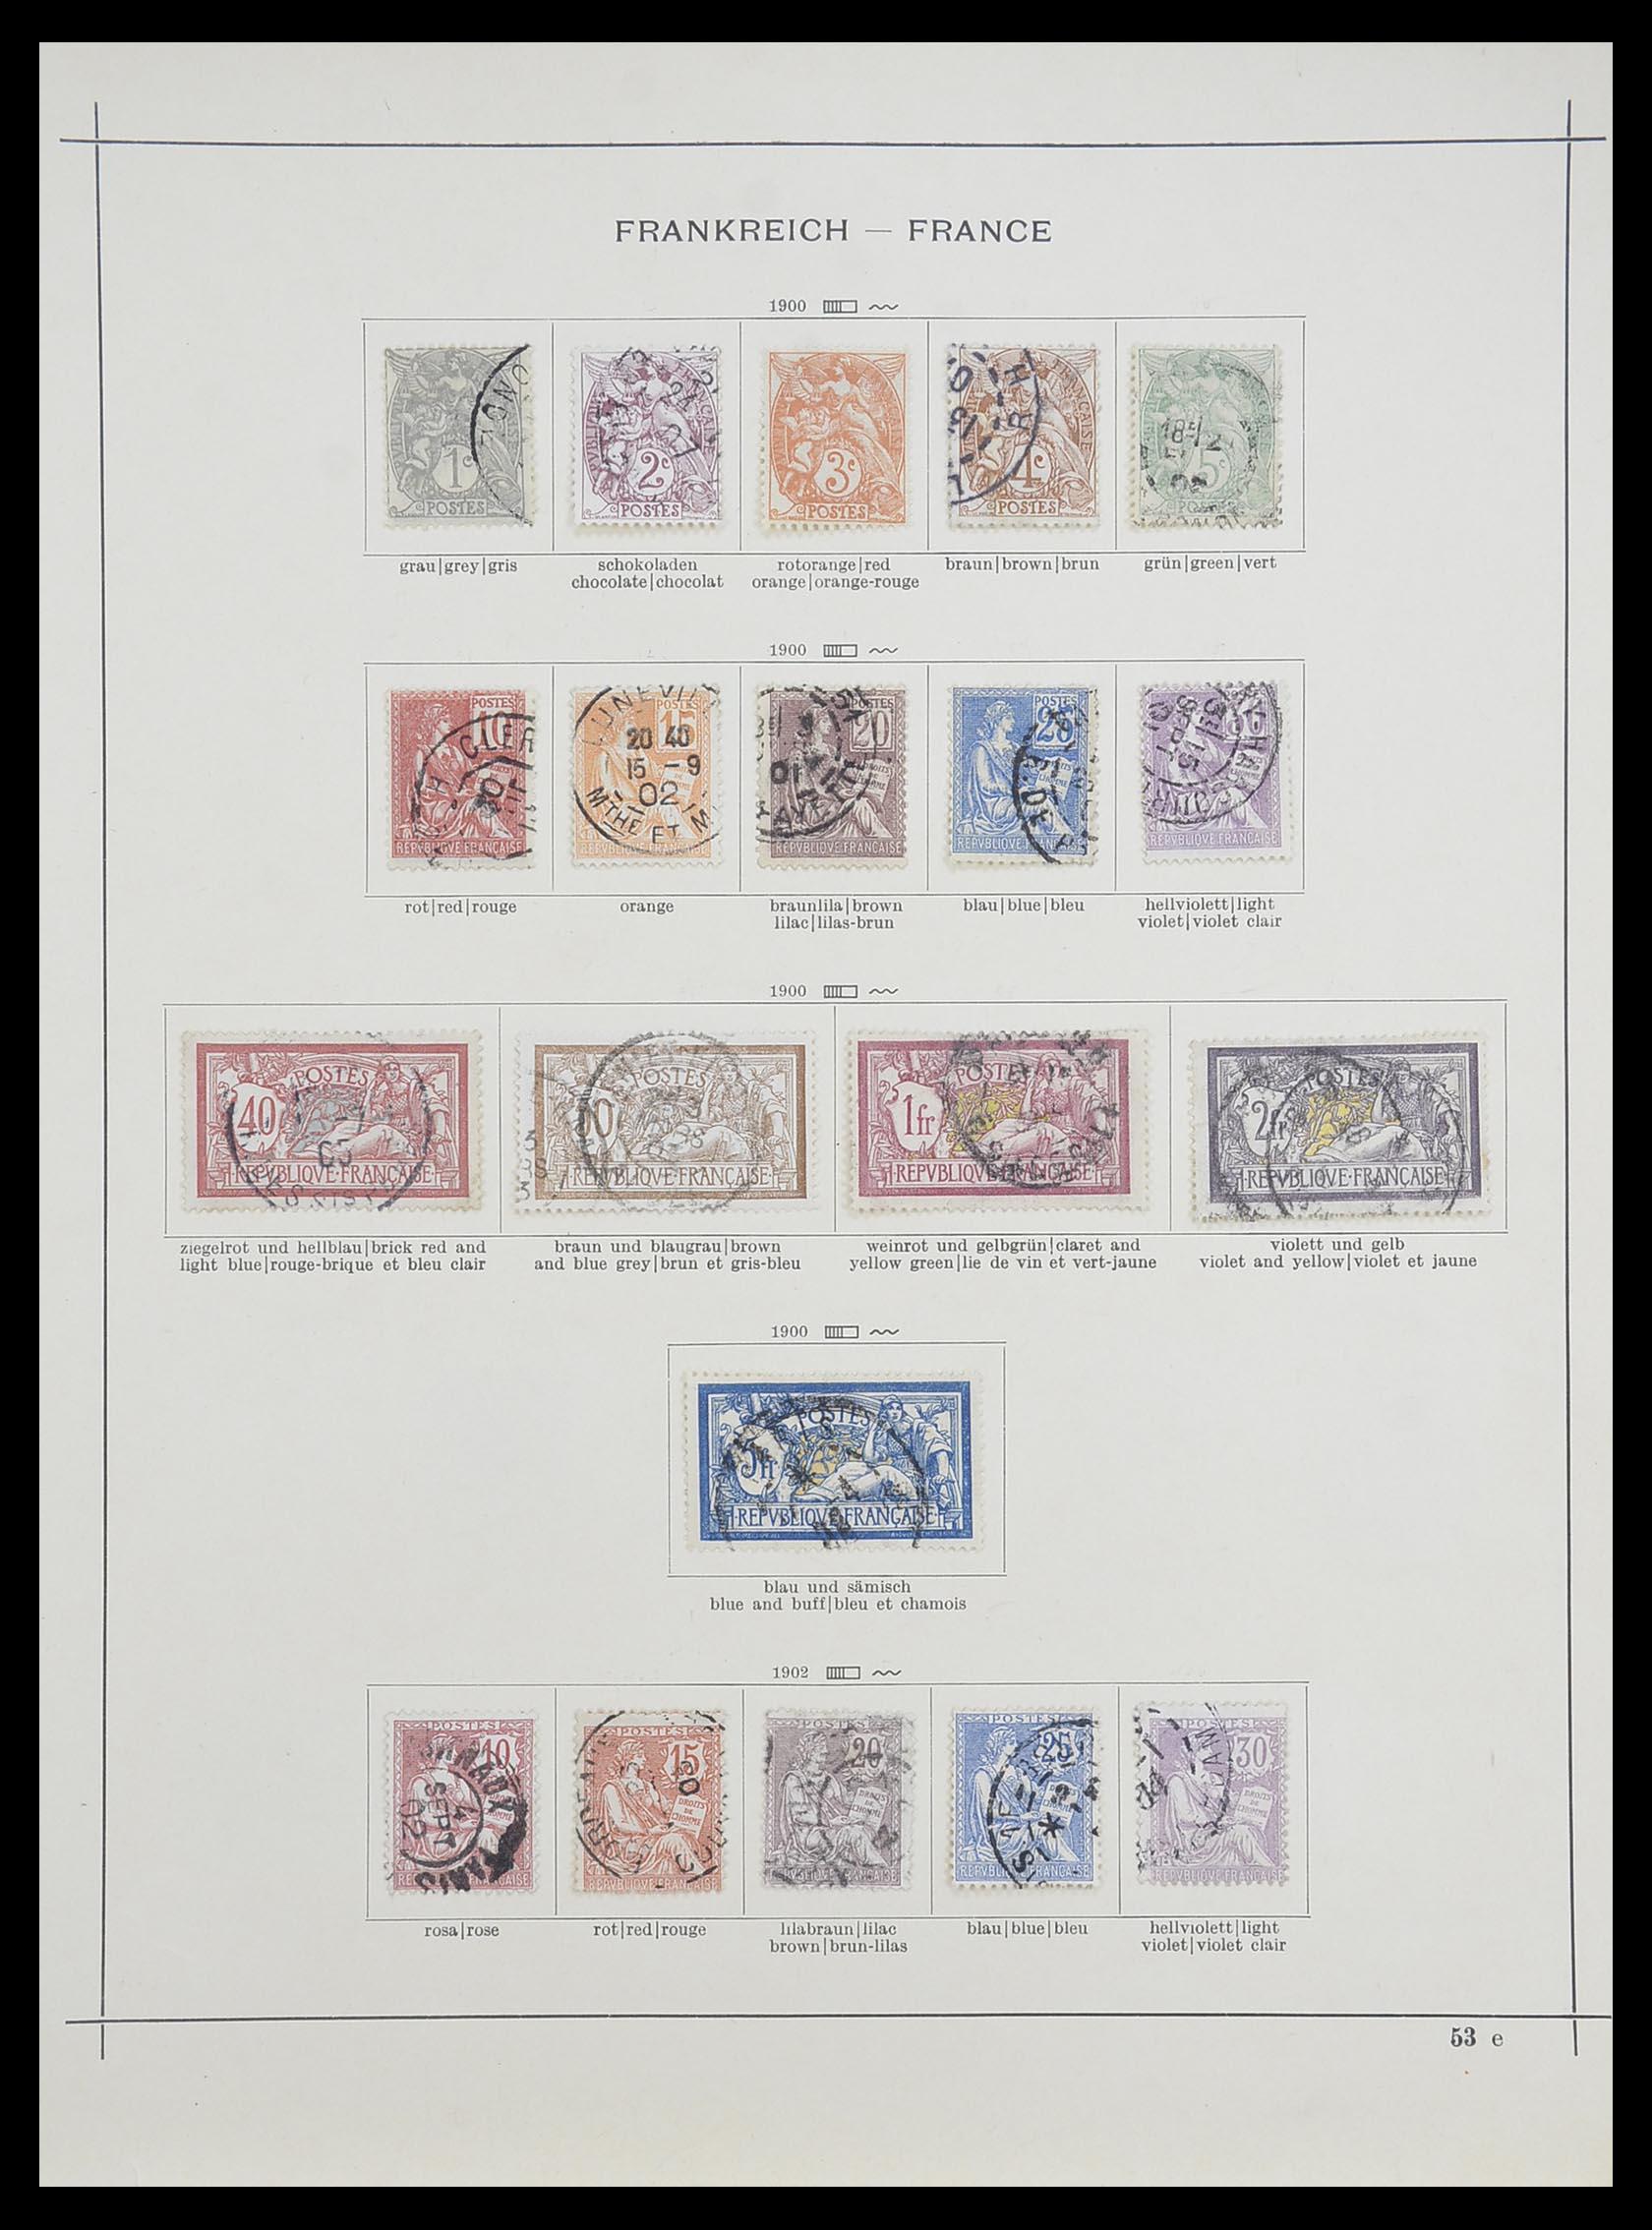 33919 006 - Postzegelverzameling 33919 Frankrijk 1849-1946.